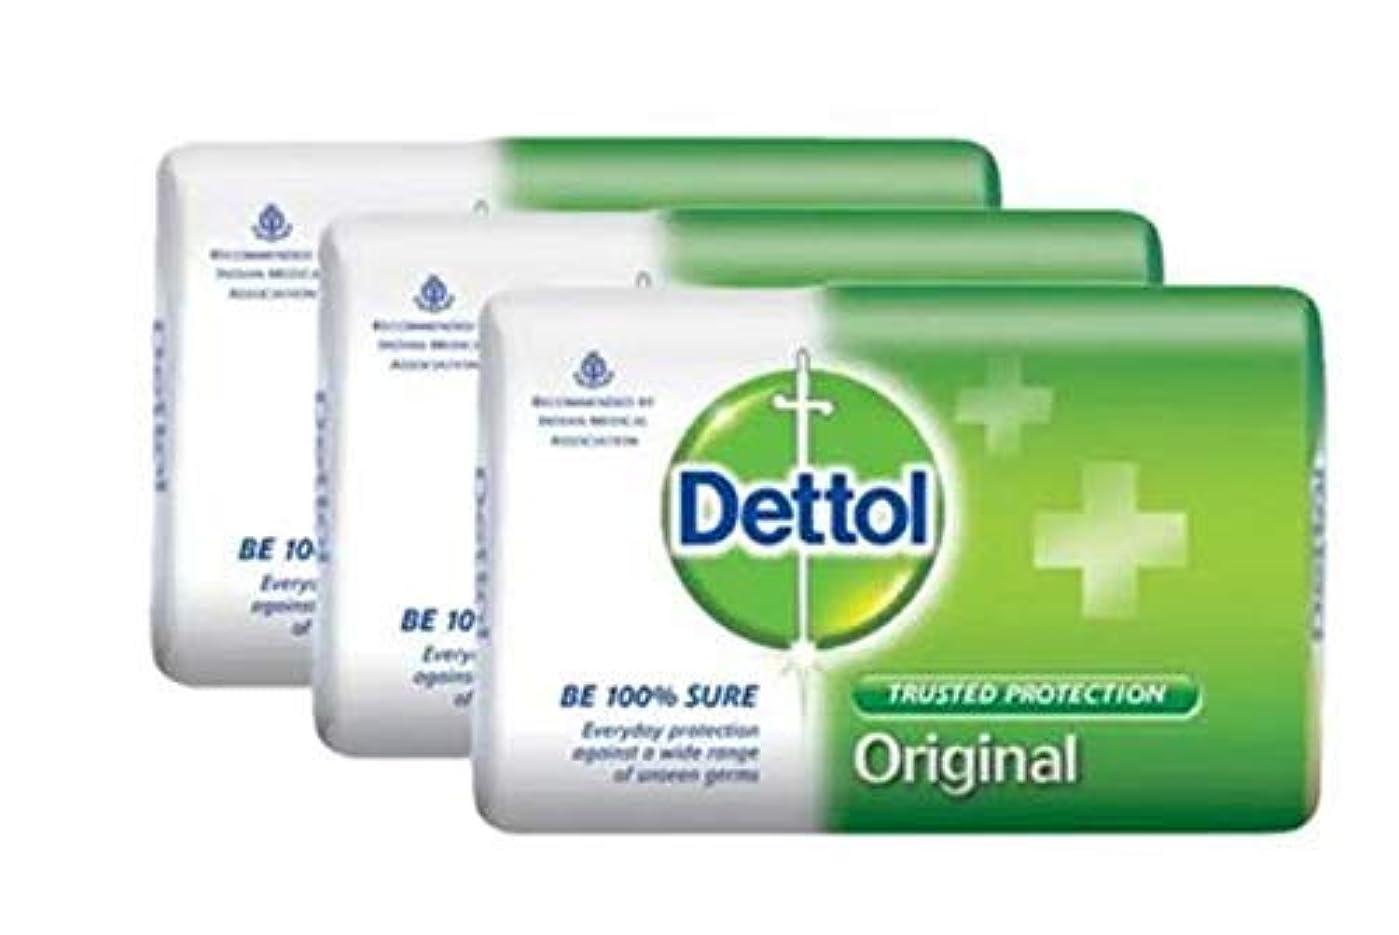 永続つま先持ってるDettol 固形石鹸オリジナル3x105g-は、信頼Dettol保護から目に見えない細菌の広い範囲を提供しています。これは、皮膚の衛生と清潔を浄化し、保護します